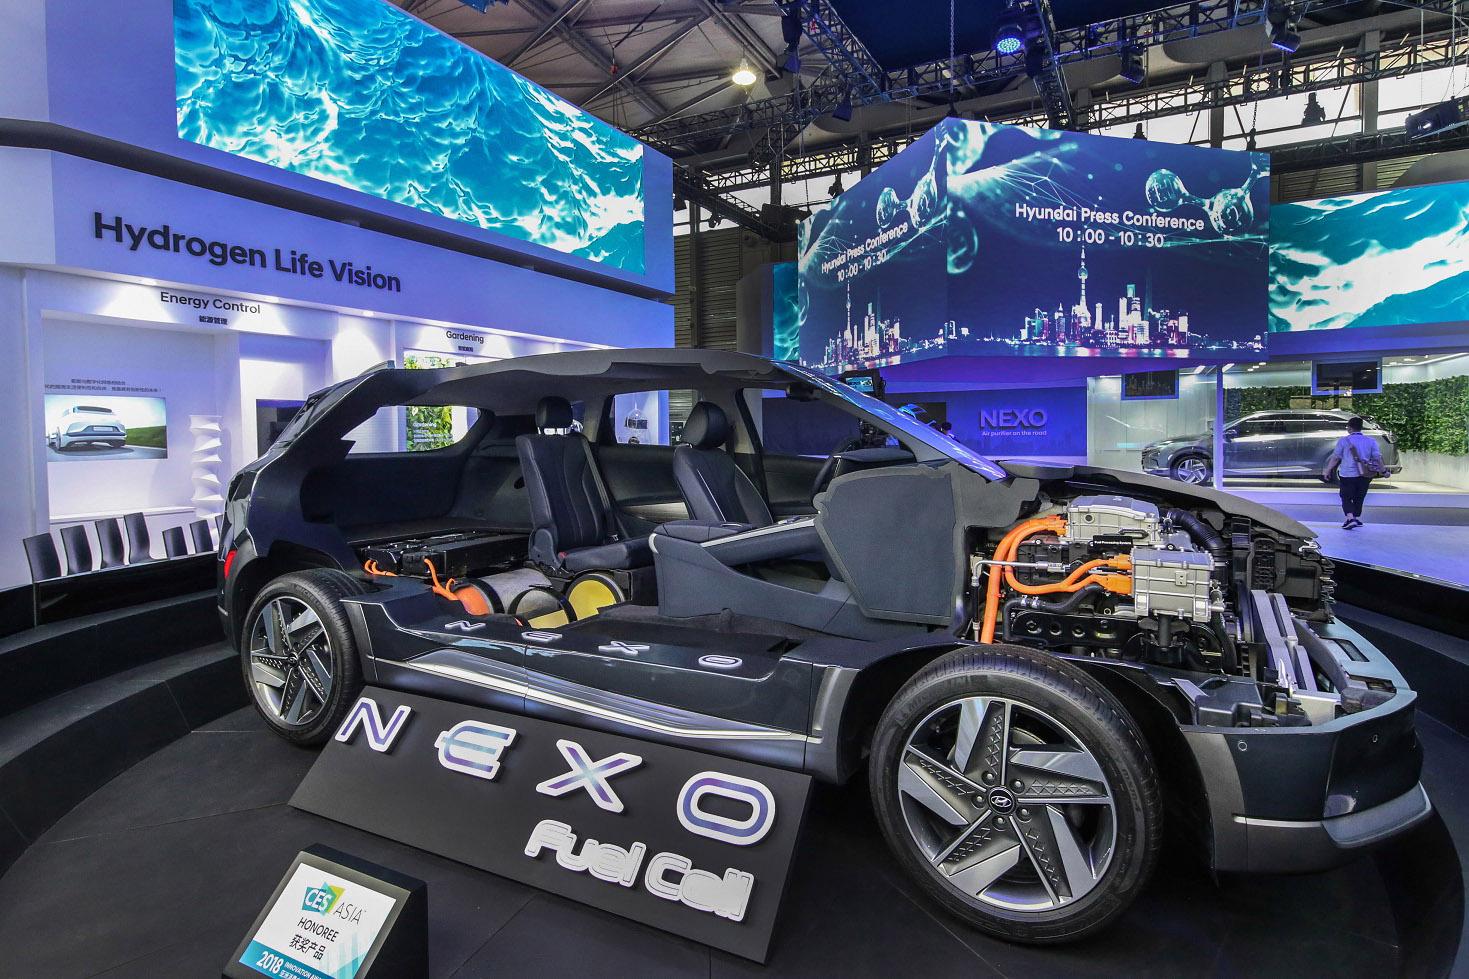 Hyundai annuncia una partnership con DeepGlint sull'intelligenza artificiale